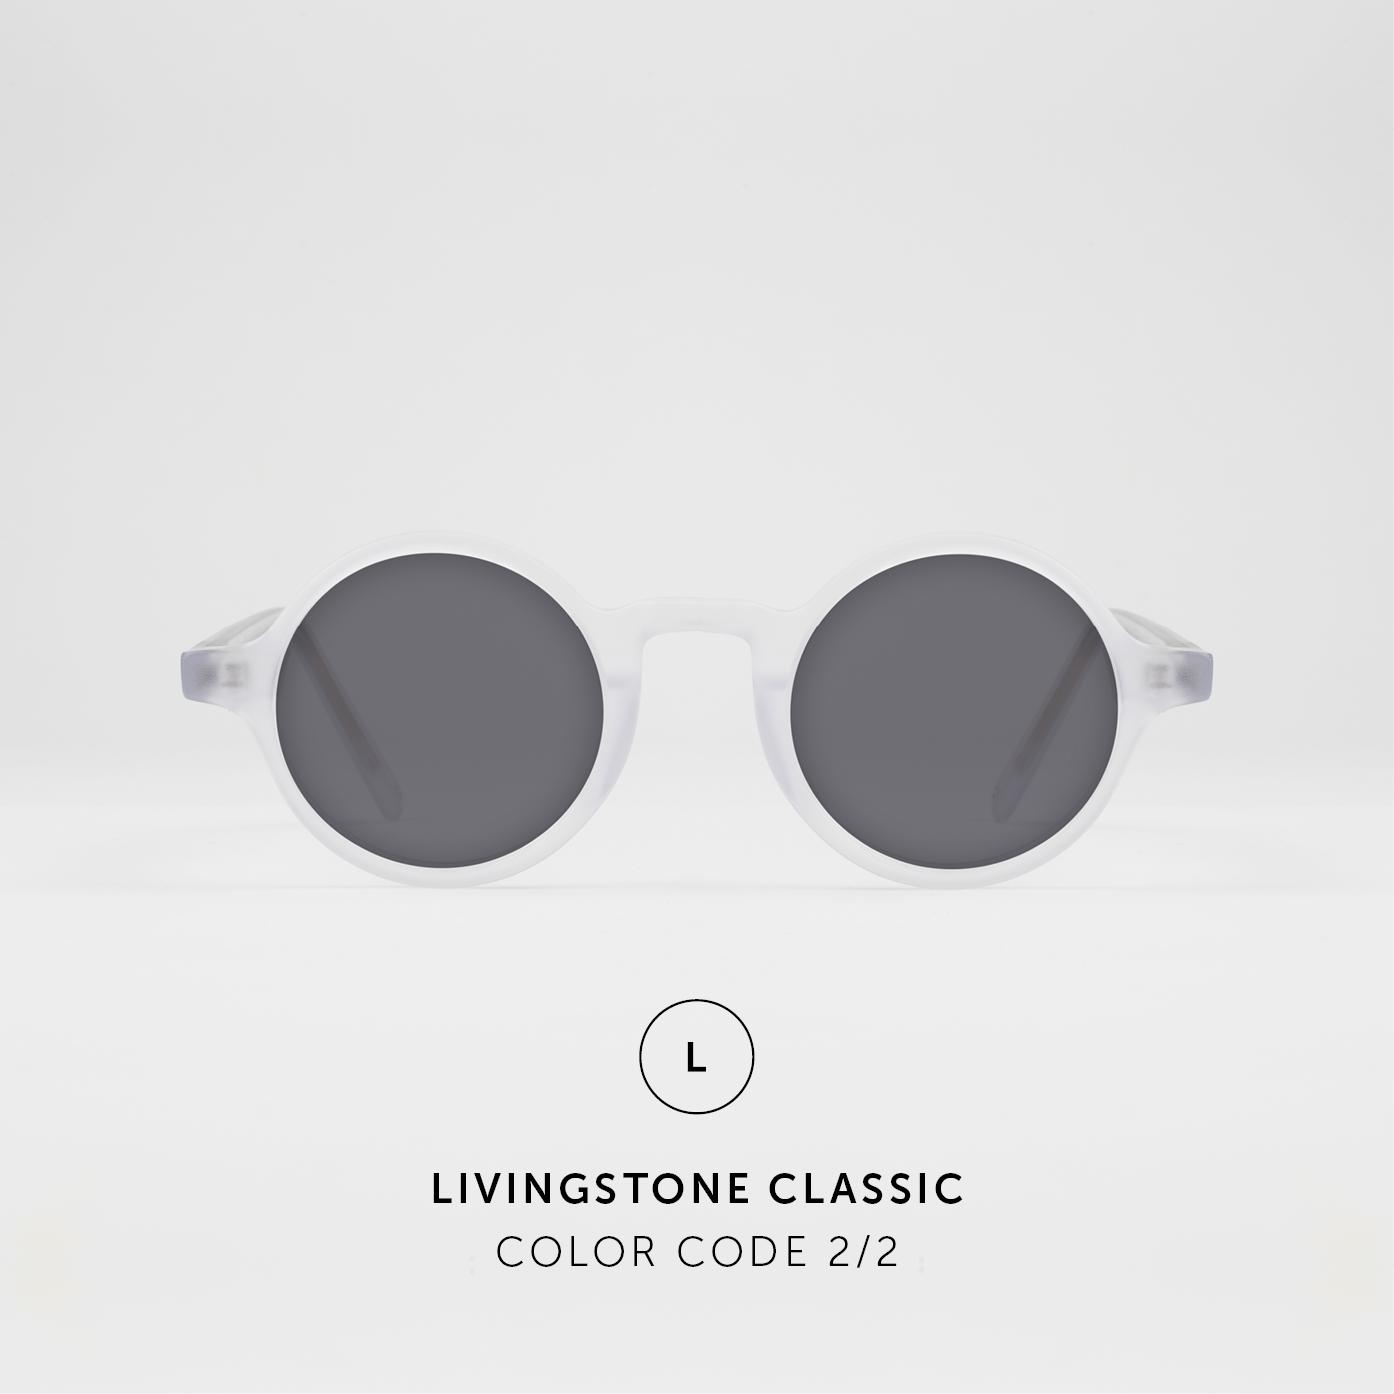 LivingstoneClassic18.jpg